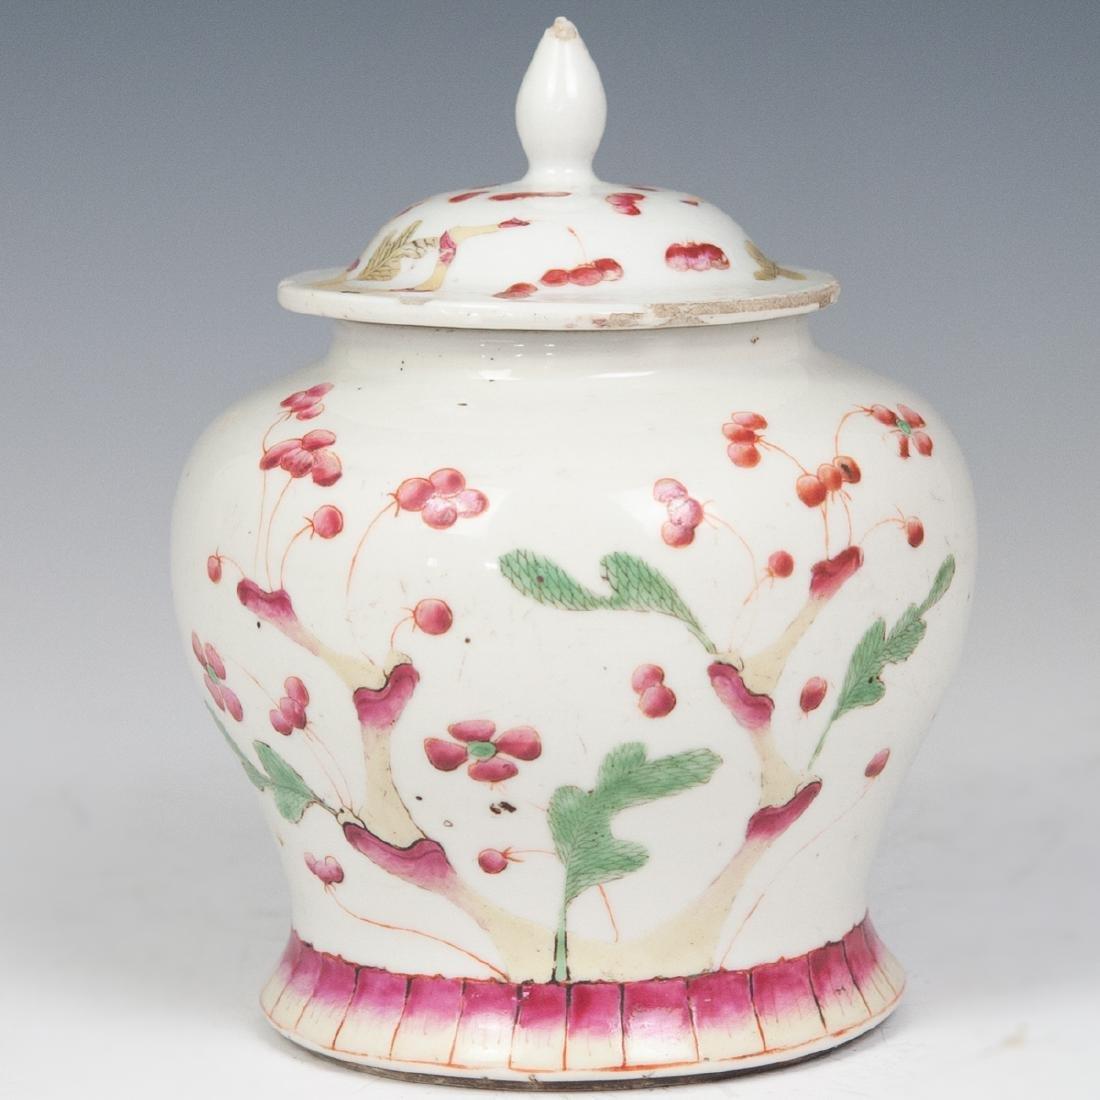 Antique Chinese Enameled Porcelain Ginger Jar